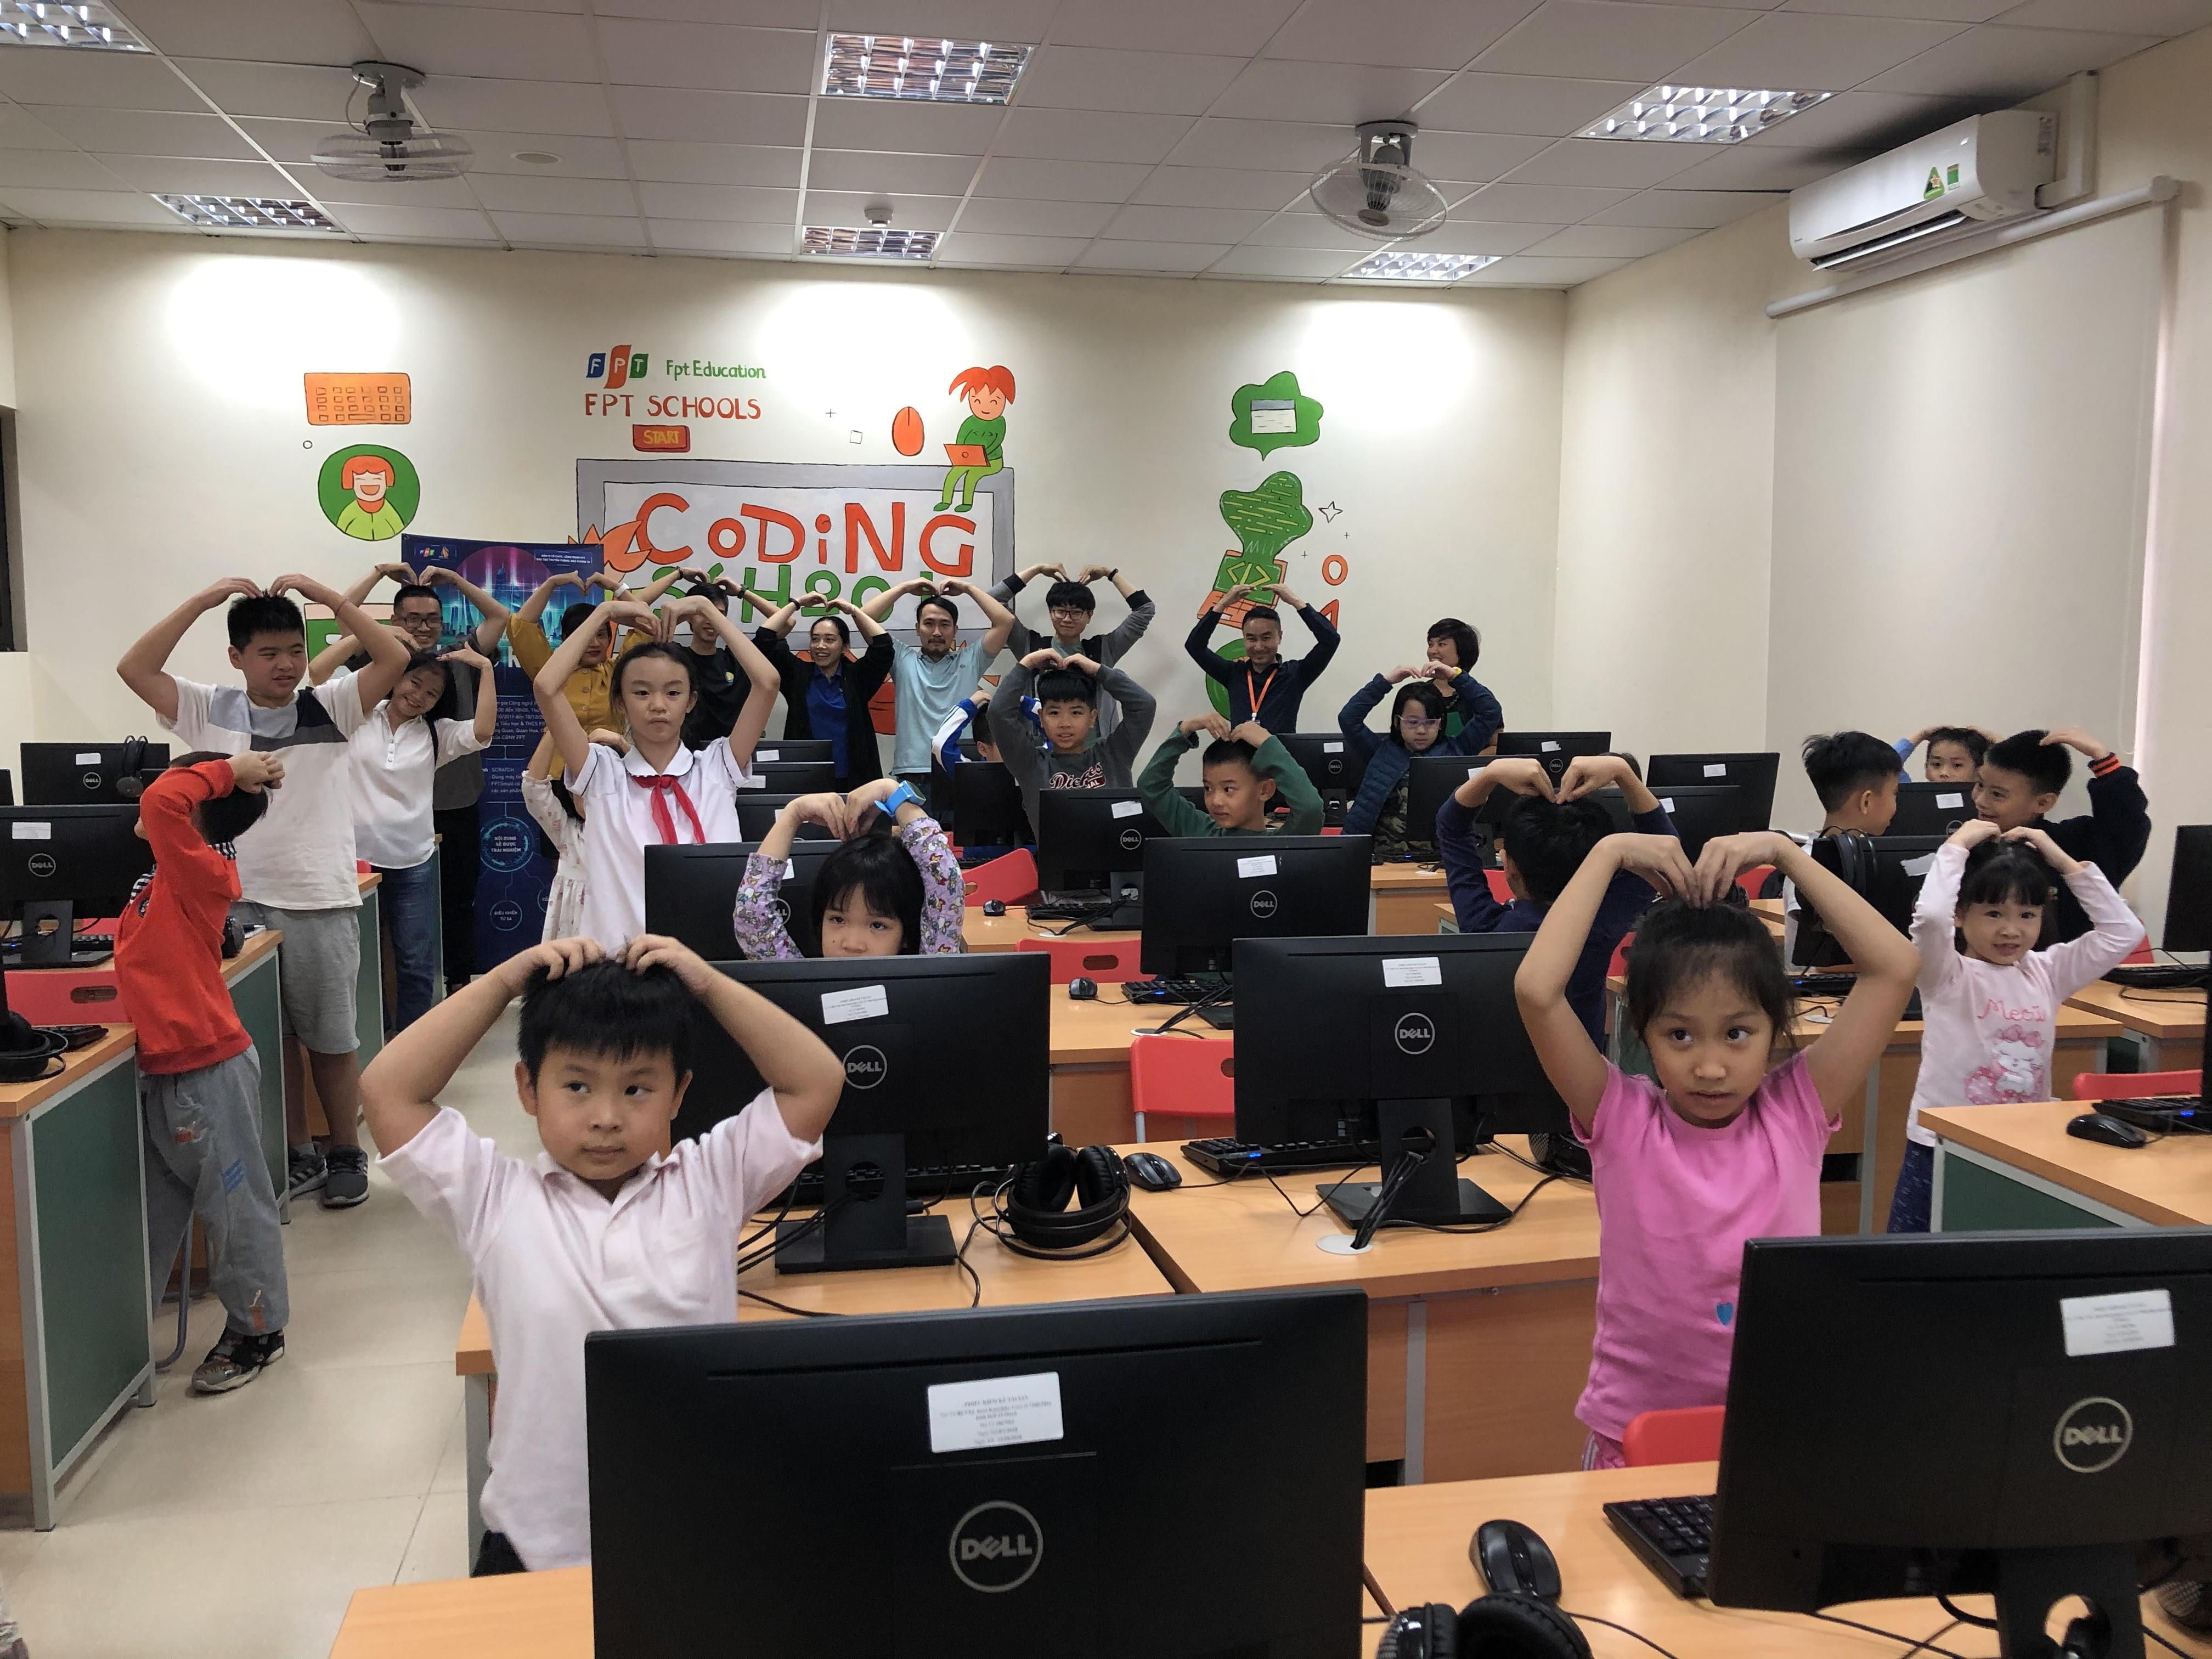 Bên cạnh đó, lớp học lập trình và robot miễn phí dành cho con CBNV nhà F được tổ chức với mong muốn tạo ra một sân chơi trí tuệ, bồi dưỡng kiến thức và phát triển kỹ năng công nghệ. Khóa học đã được các chuyên gia công nghệ FPT nghiên cứu sao phù hợp với lứa tuổi tiểu học.